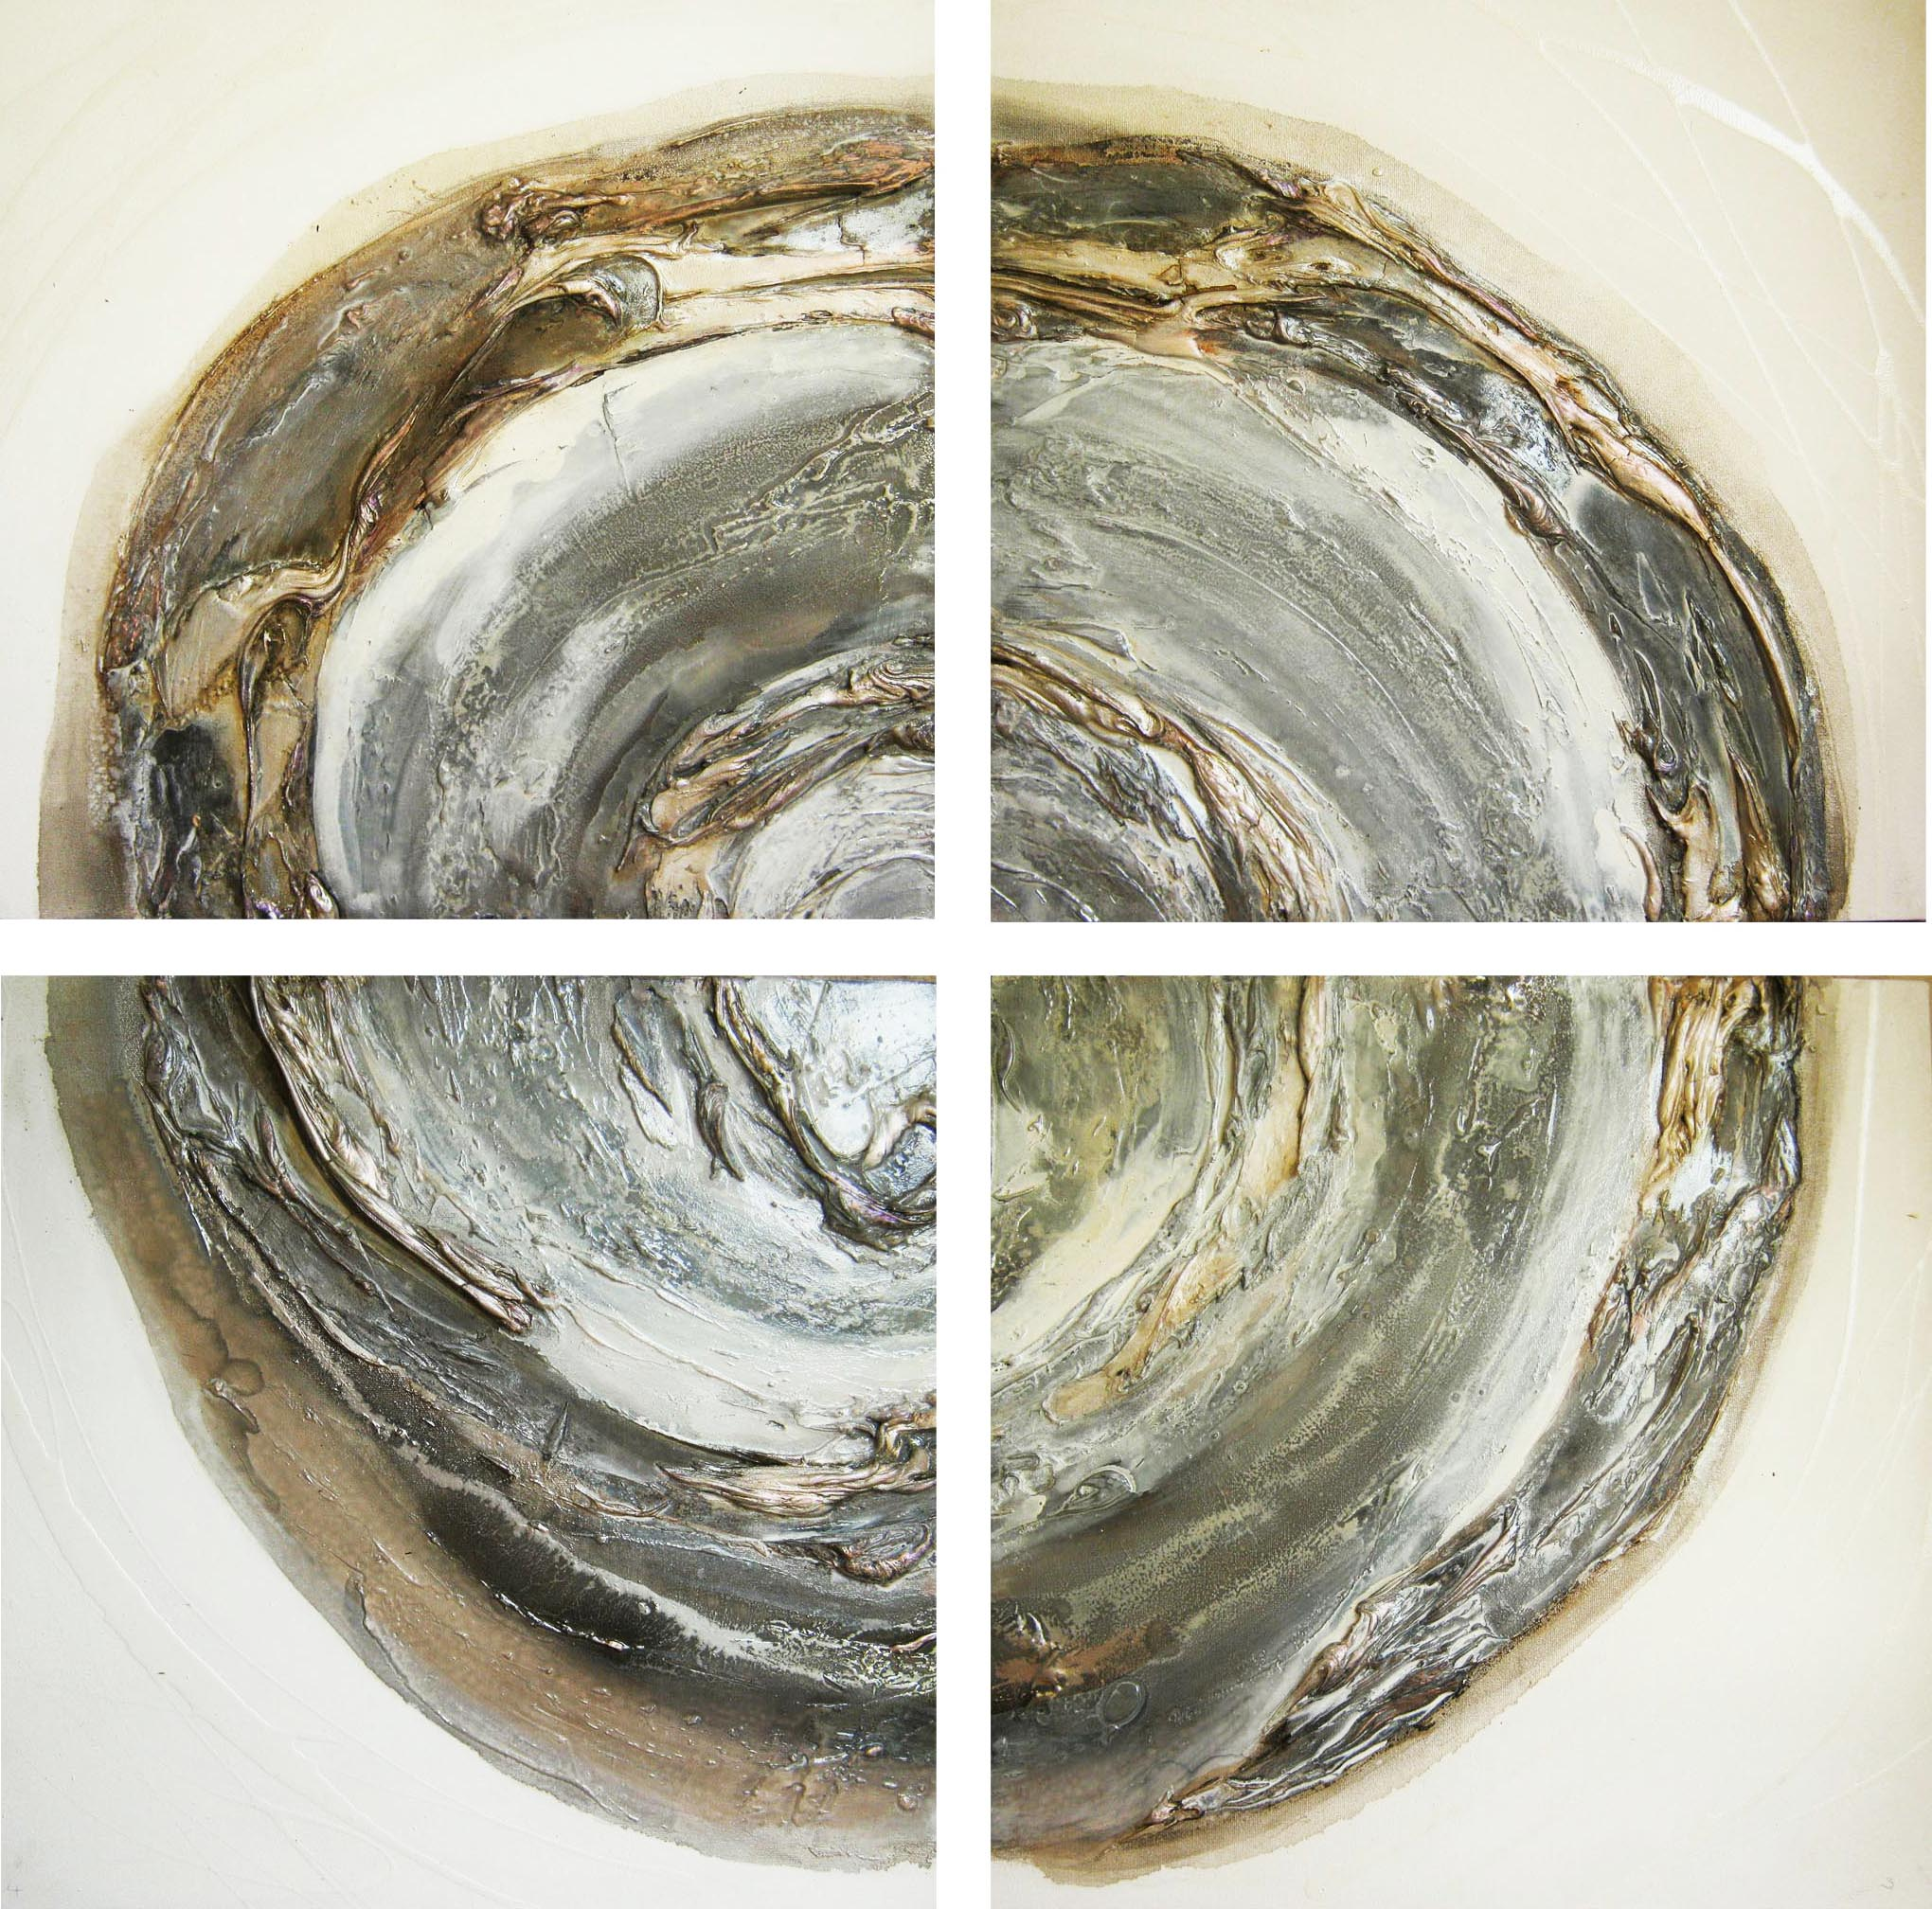 Vicky Sanders Oyster Series - Salt Water